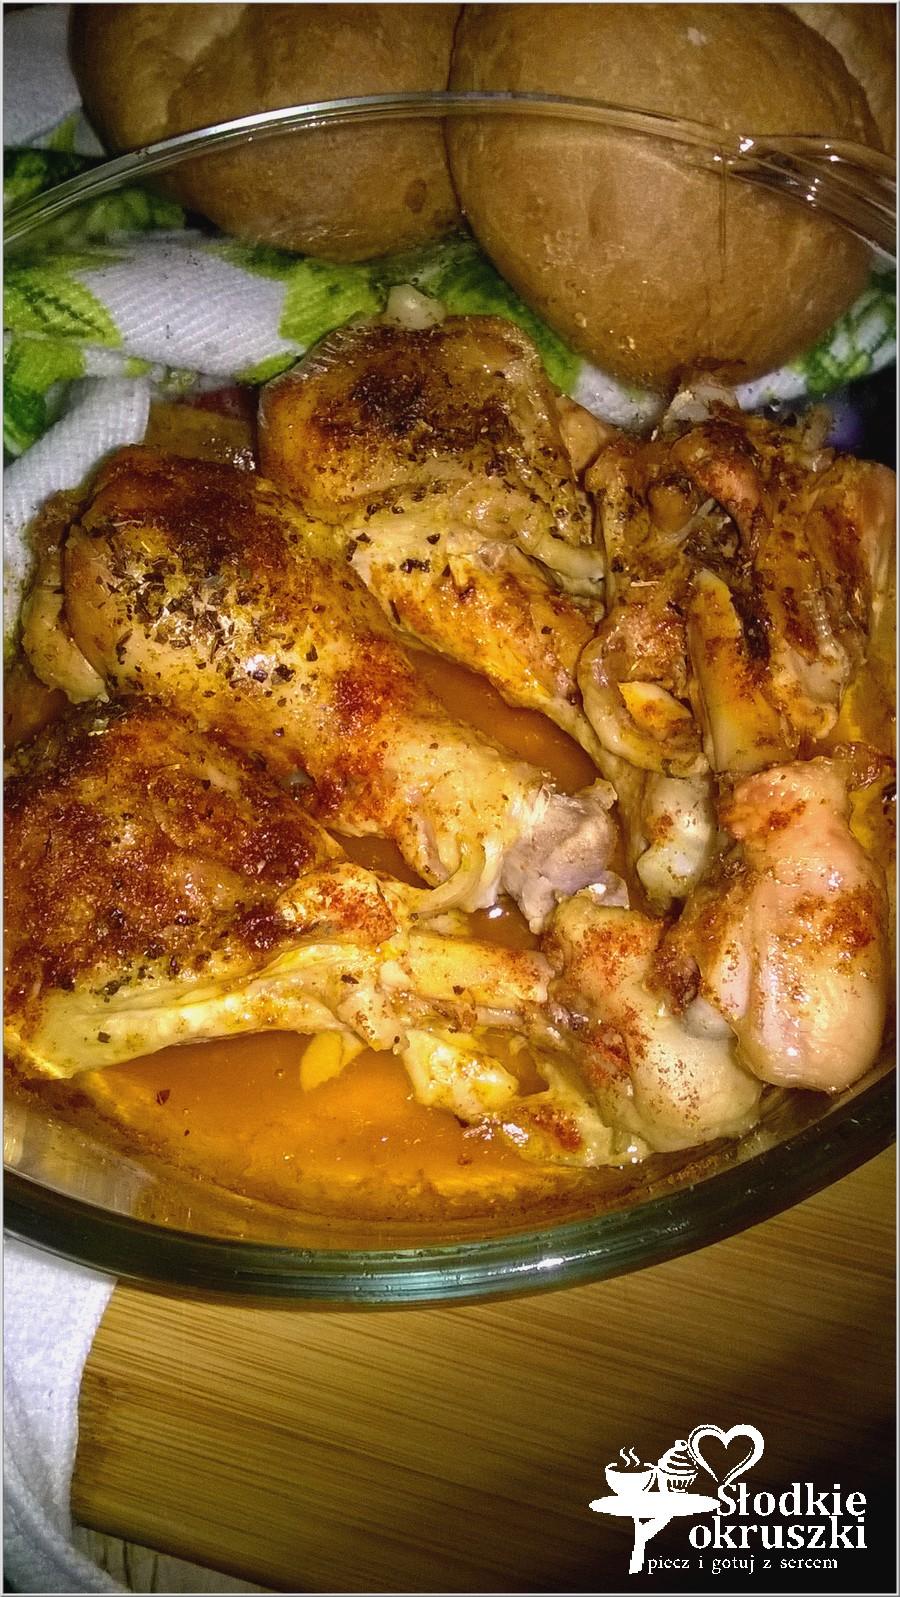 Kurczak Pieczony W Ziolach I Rosole Pomysl Na Szybki Obiad